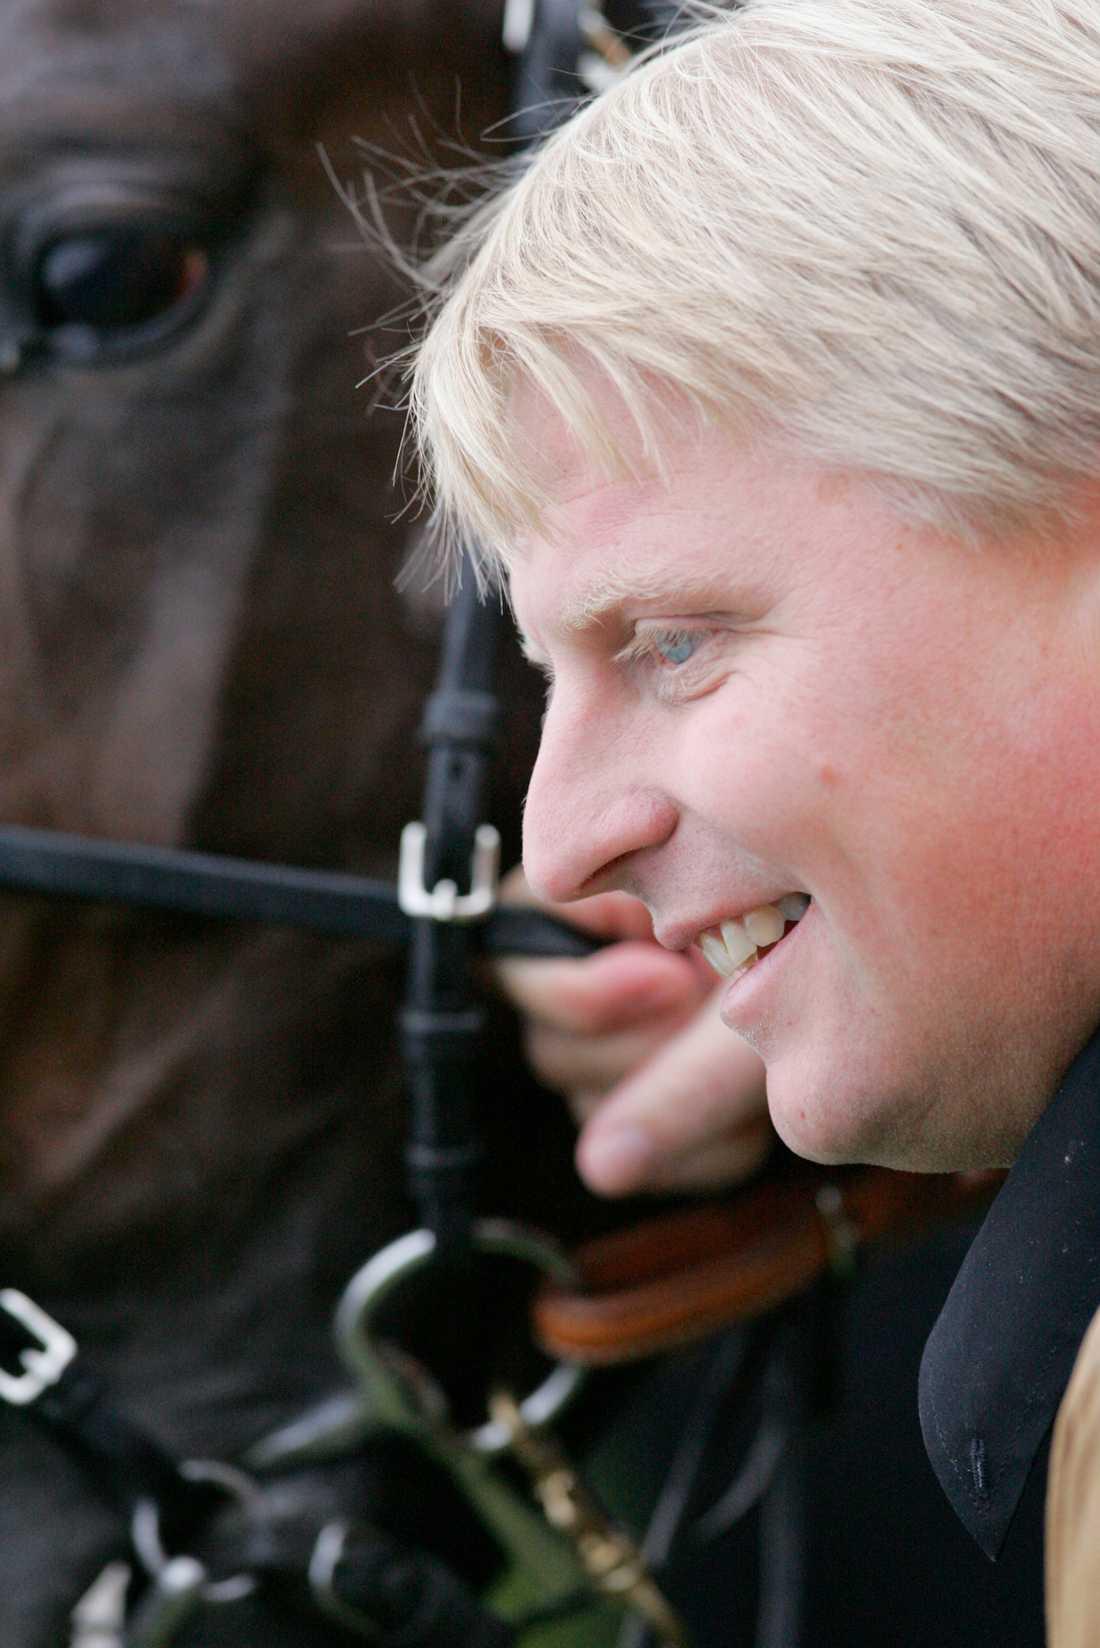 Travtränaren Veijo Heiskanen till sjukhus efter otäck olycka